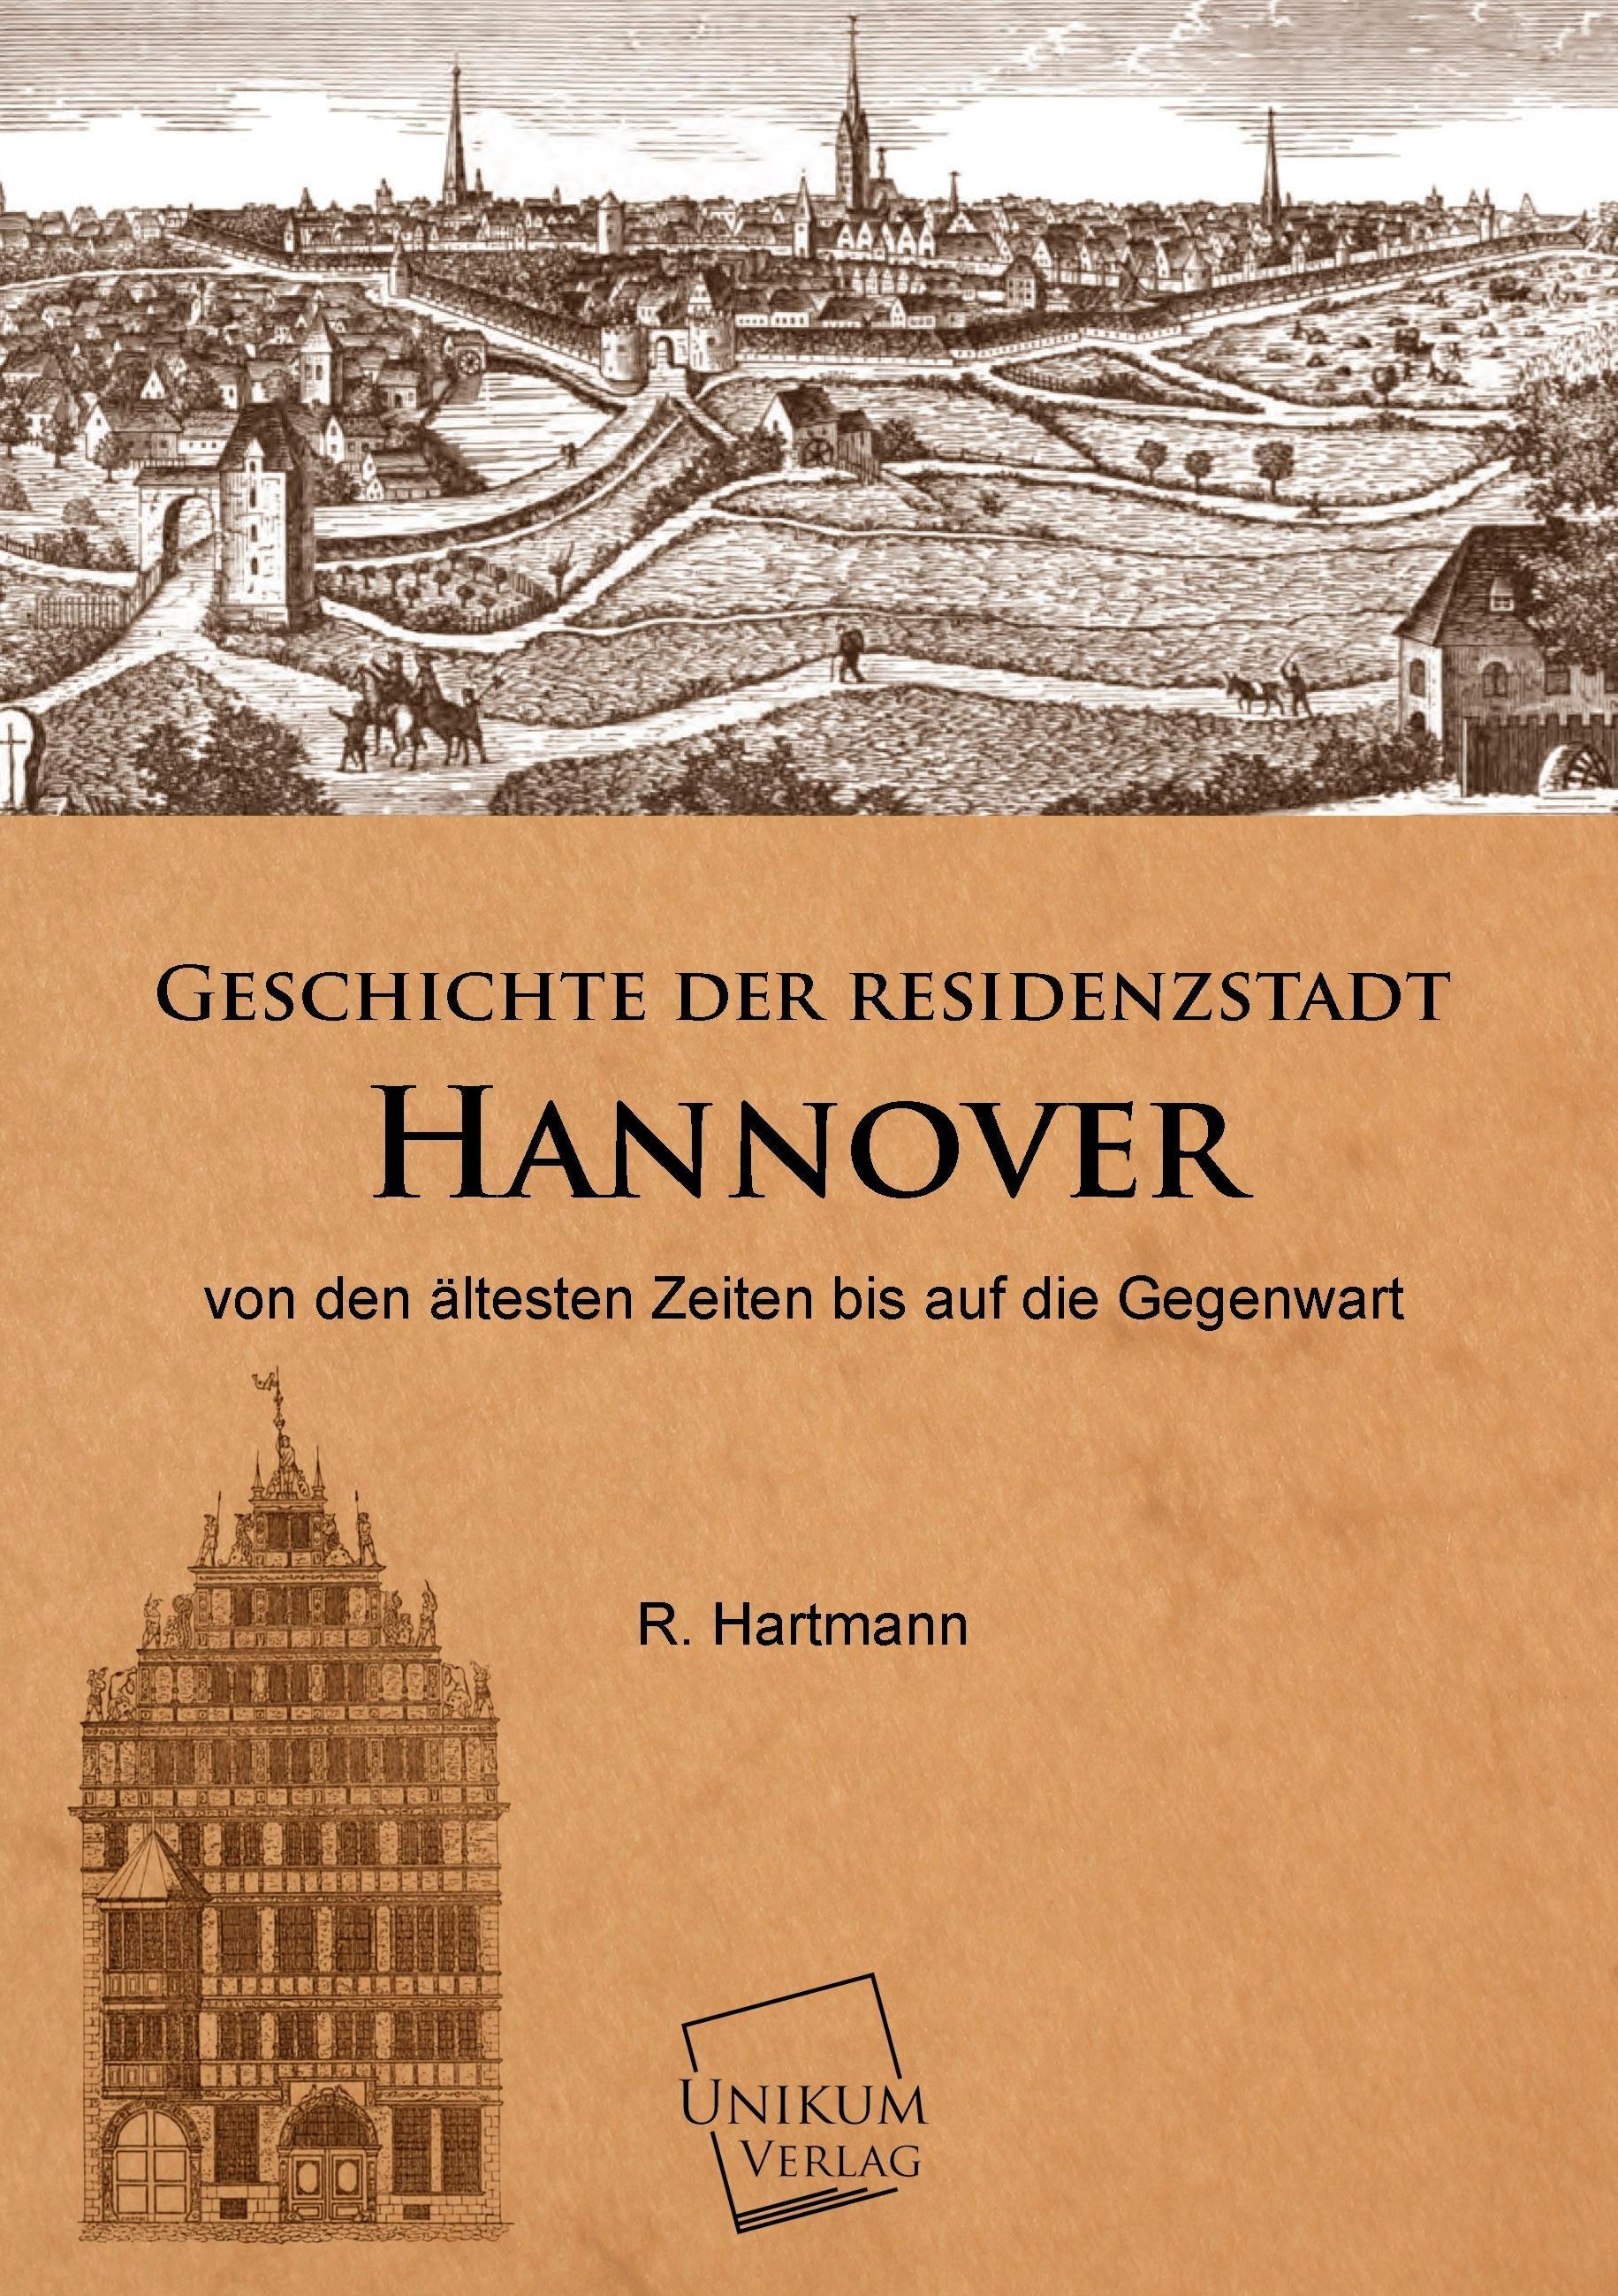 Geschichte der Residenzstadt Hannover  von den ältesten Zeiten bis auf die Gegenwart  R. Hartmann  Taschenbuch  Paperback  Deutsch  2018 - Hartmann, R.